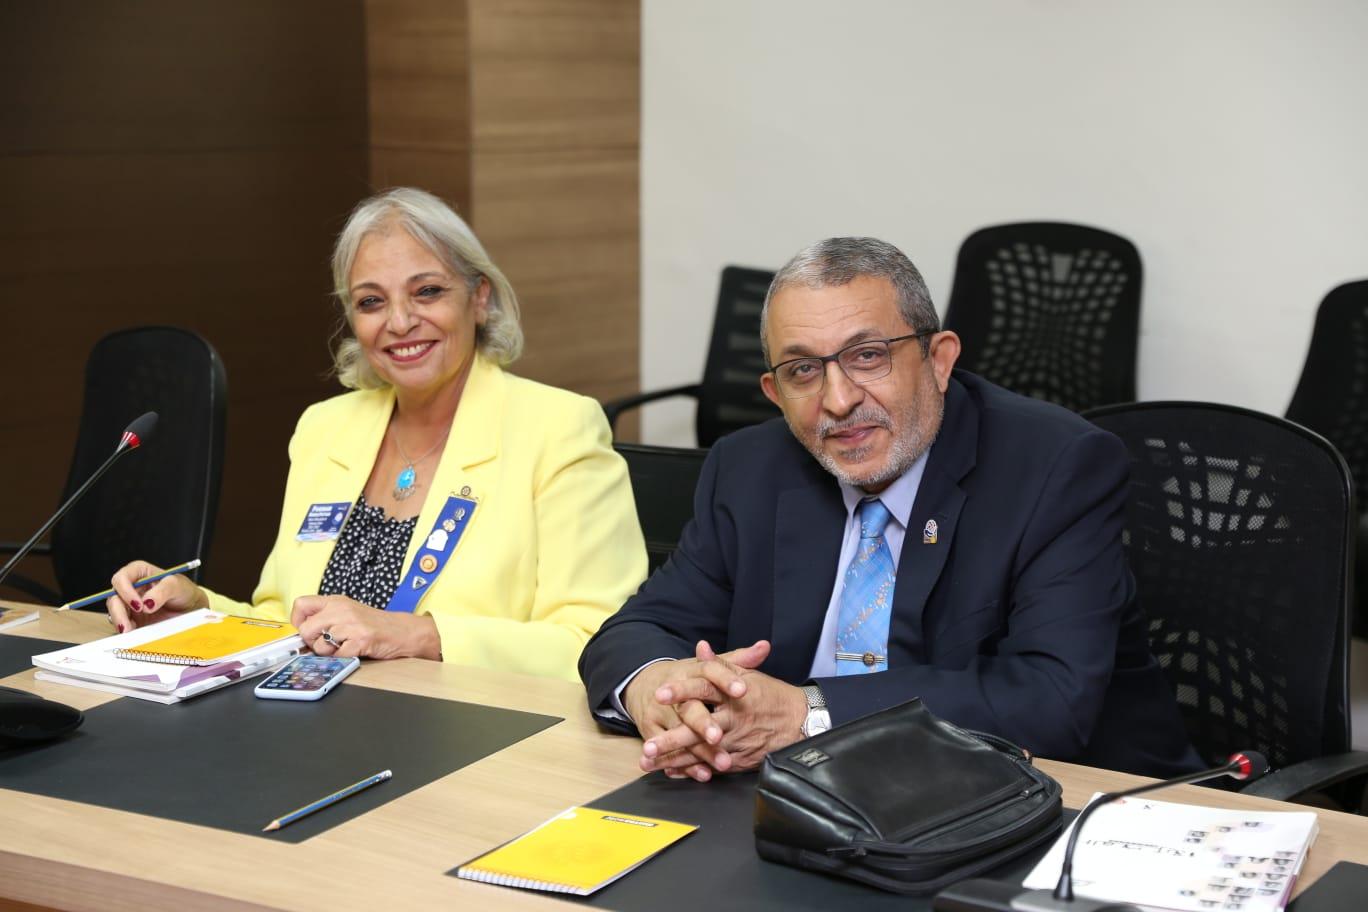 لجنة تمكين المرأة بنوادي روتاري مصر